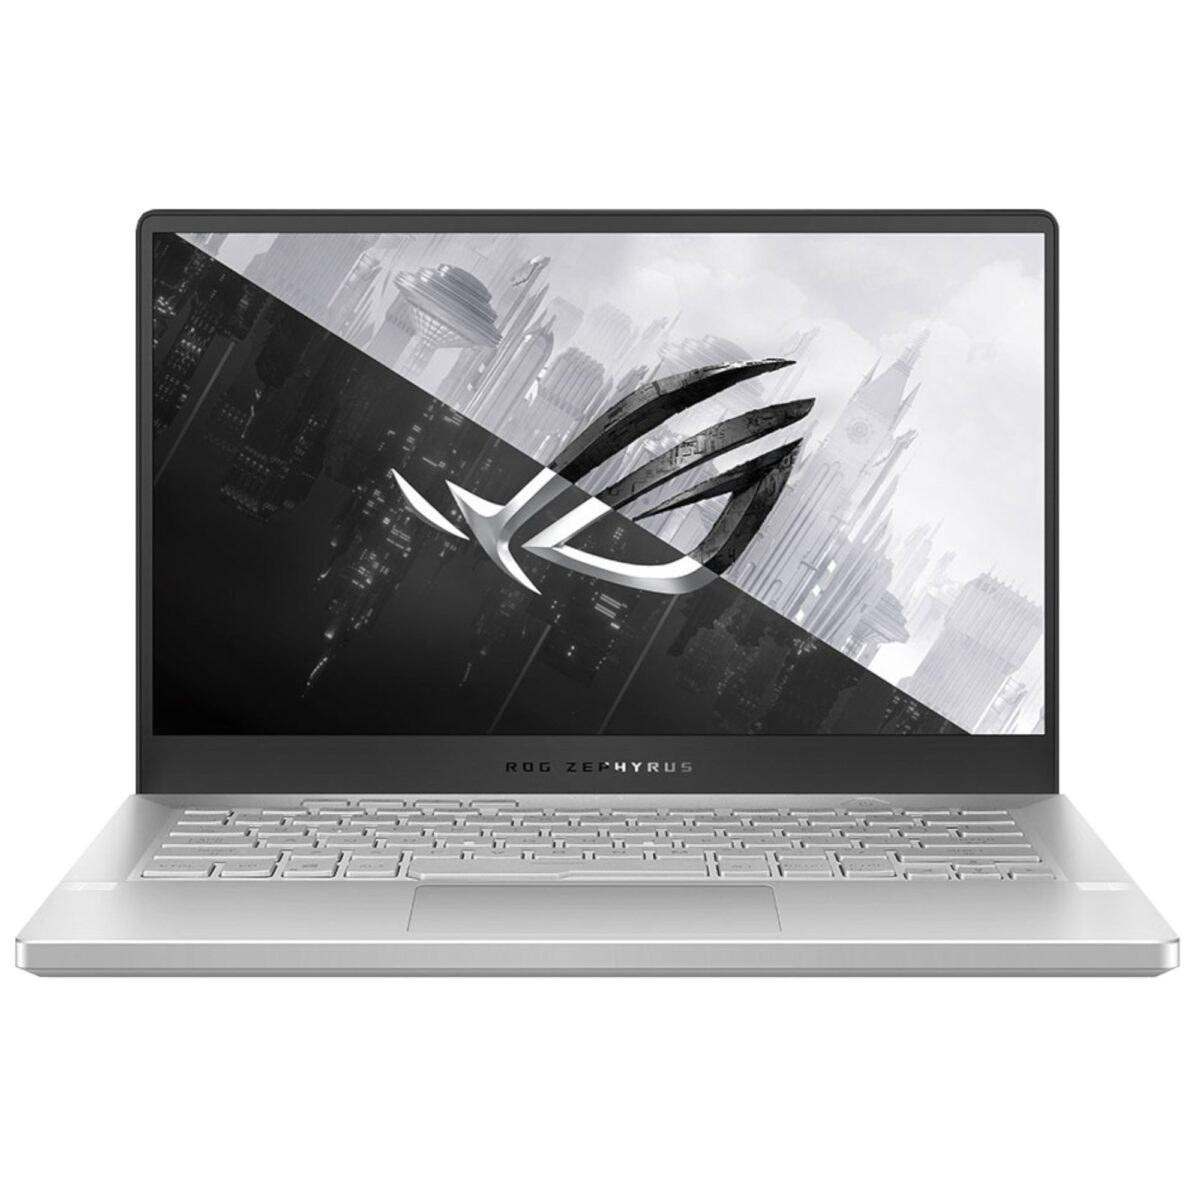 تصویر لپ تاپ ۱۴ اینچی Asus ROG Zephyrus G14 GA401IV-BR9N6